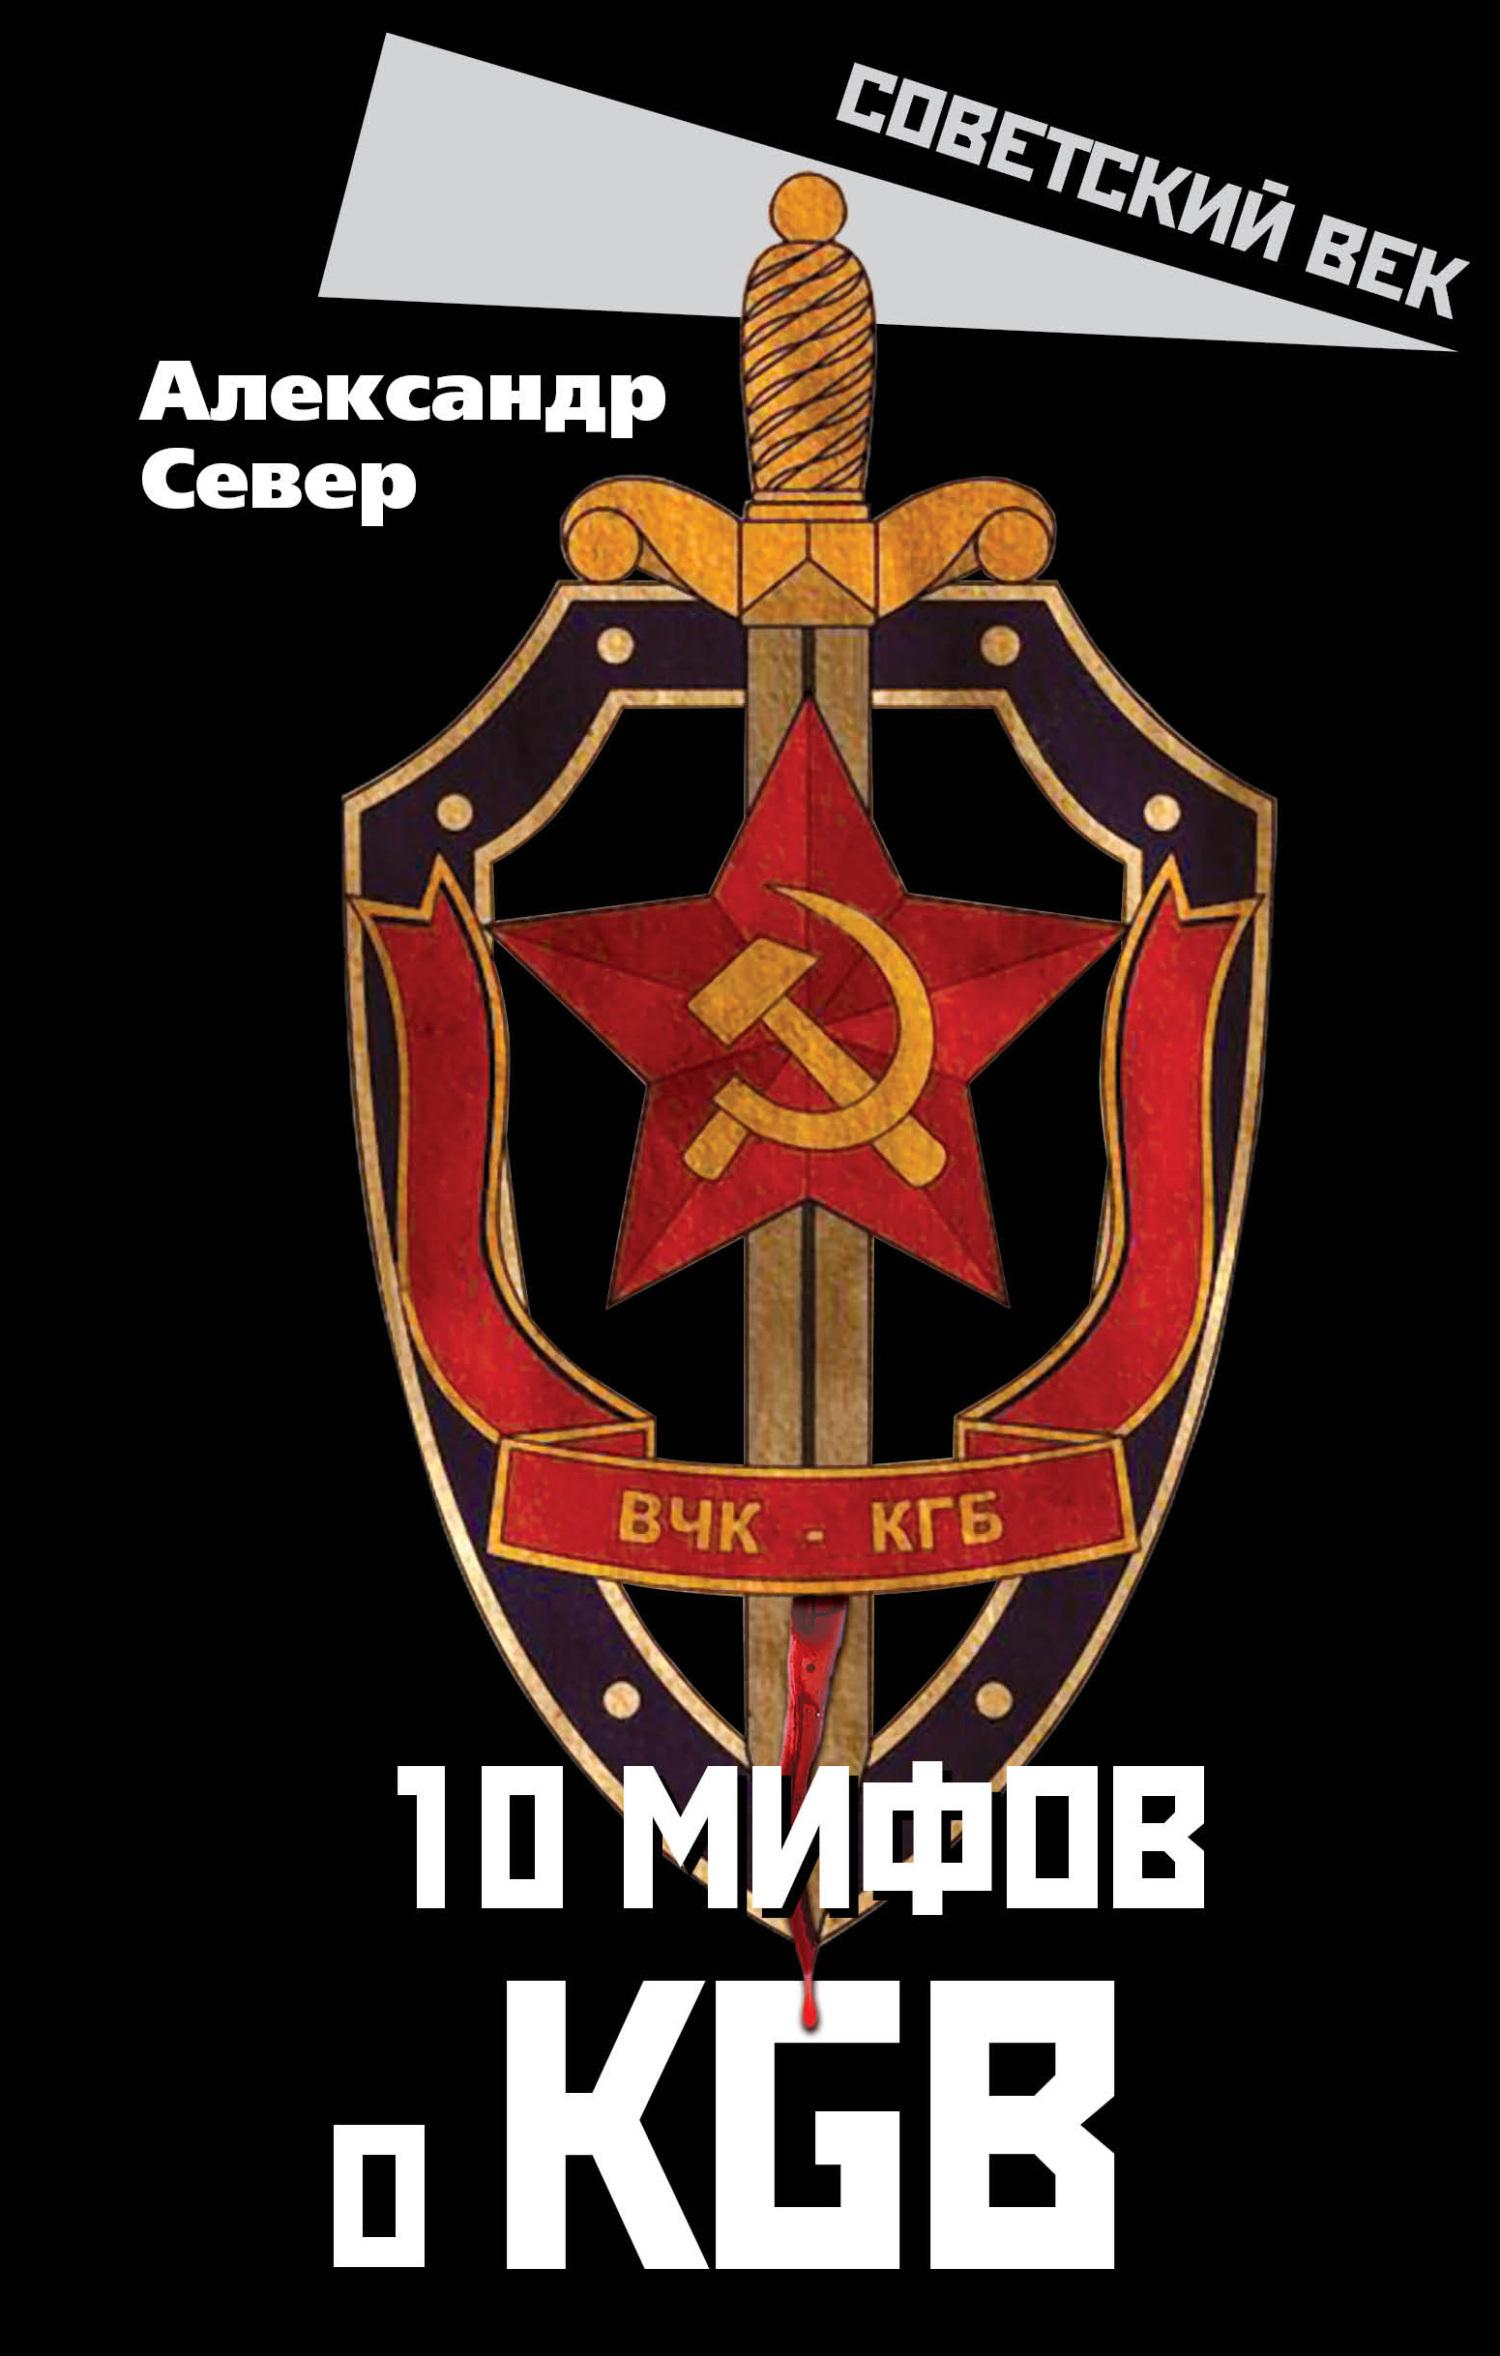 Александр Север 10мифов оКГБ